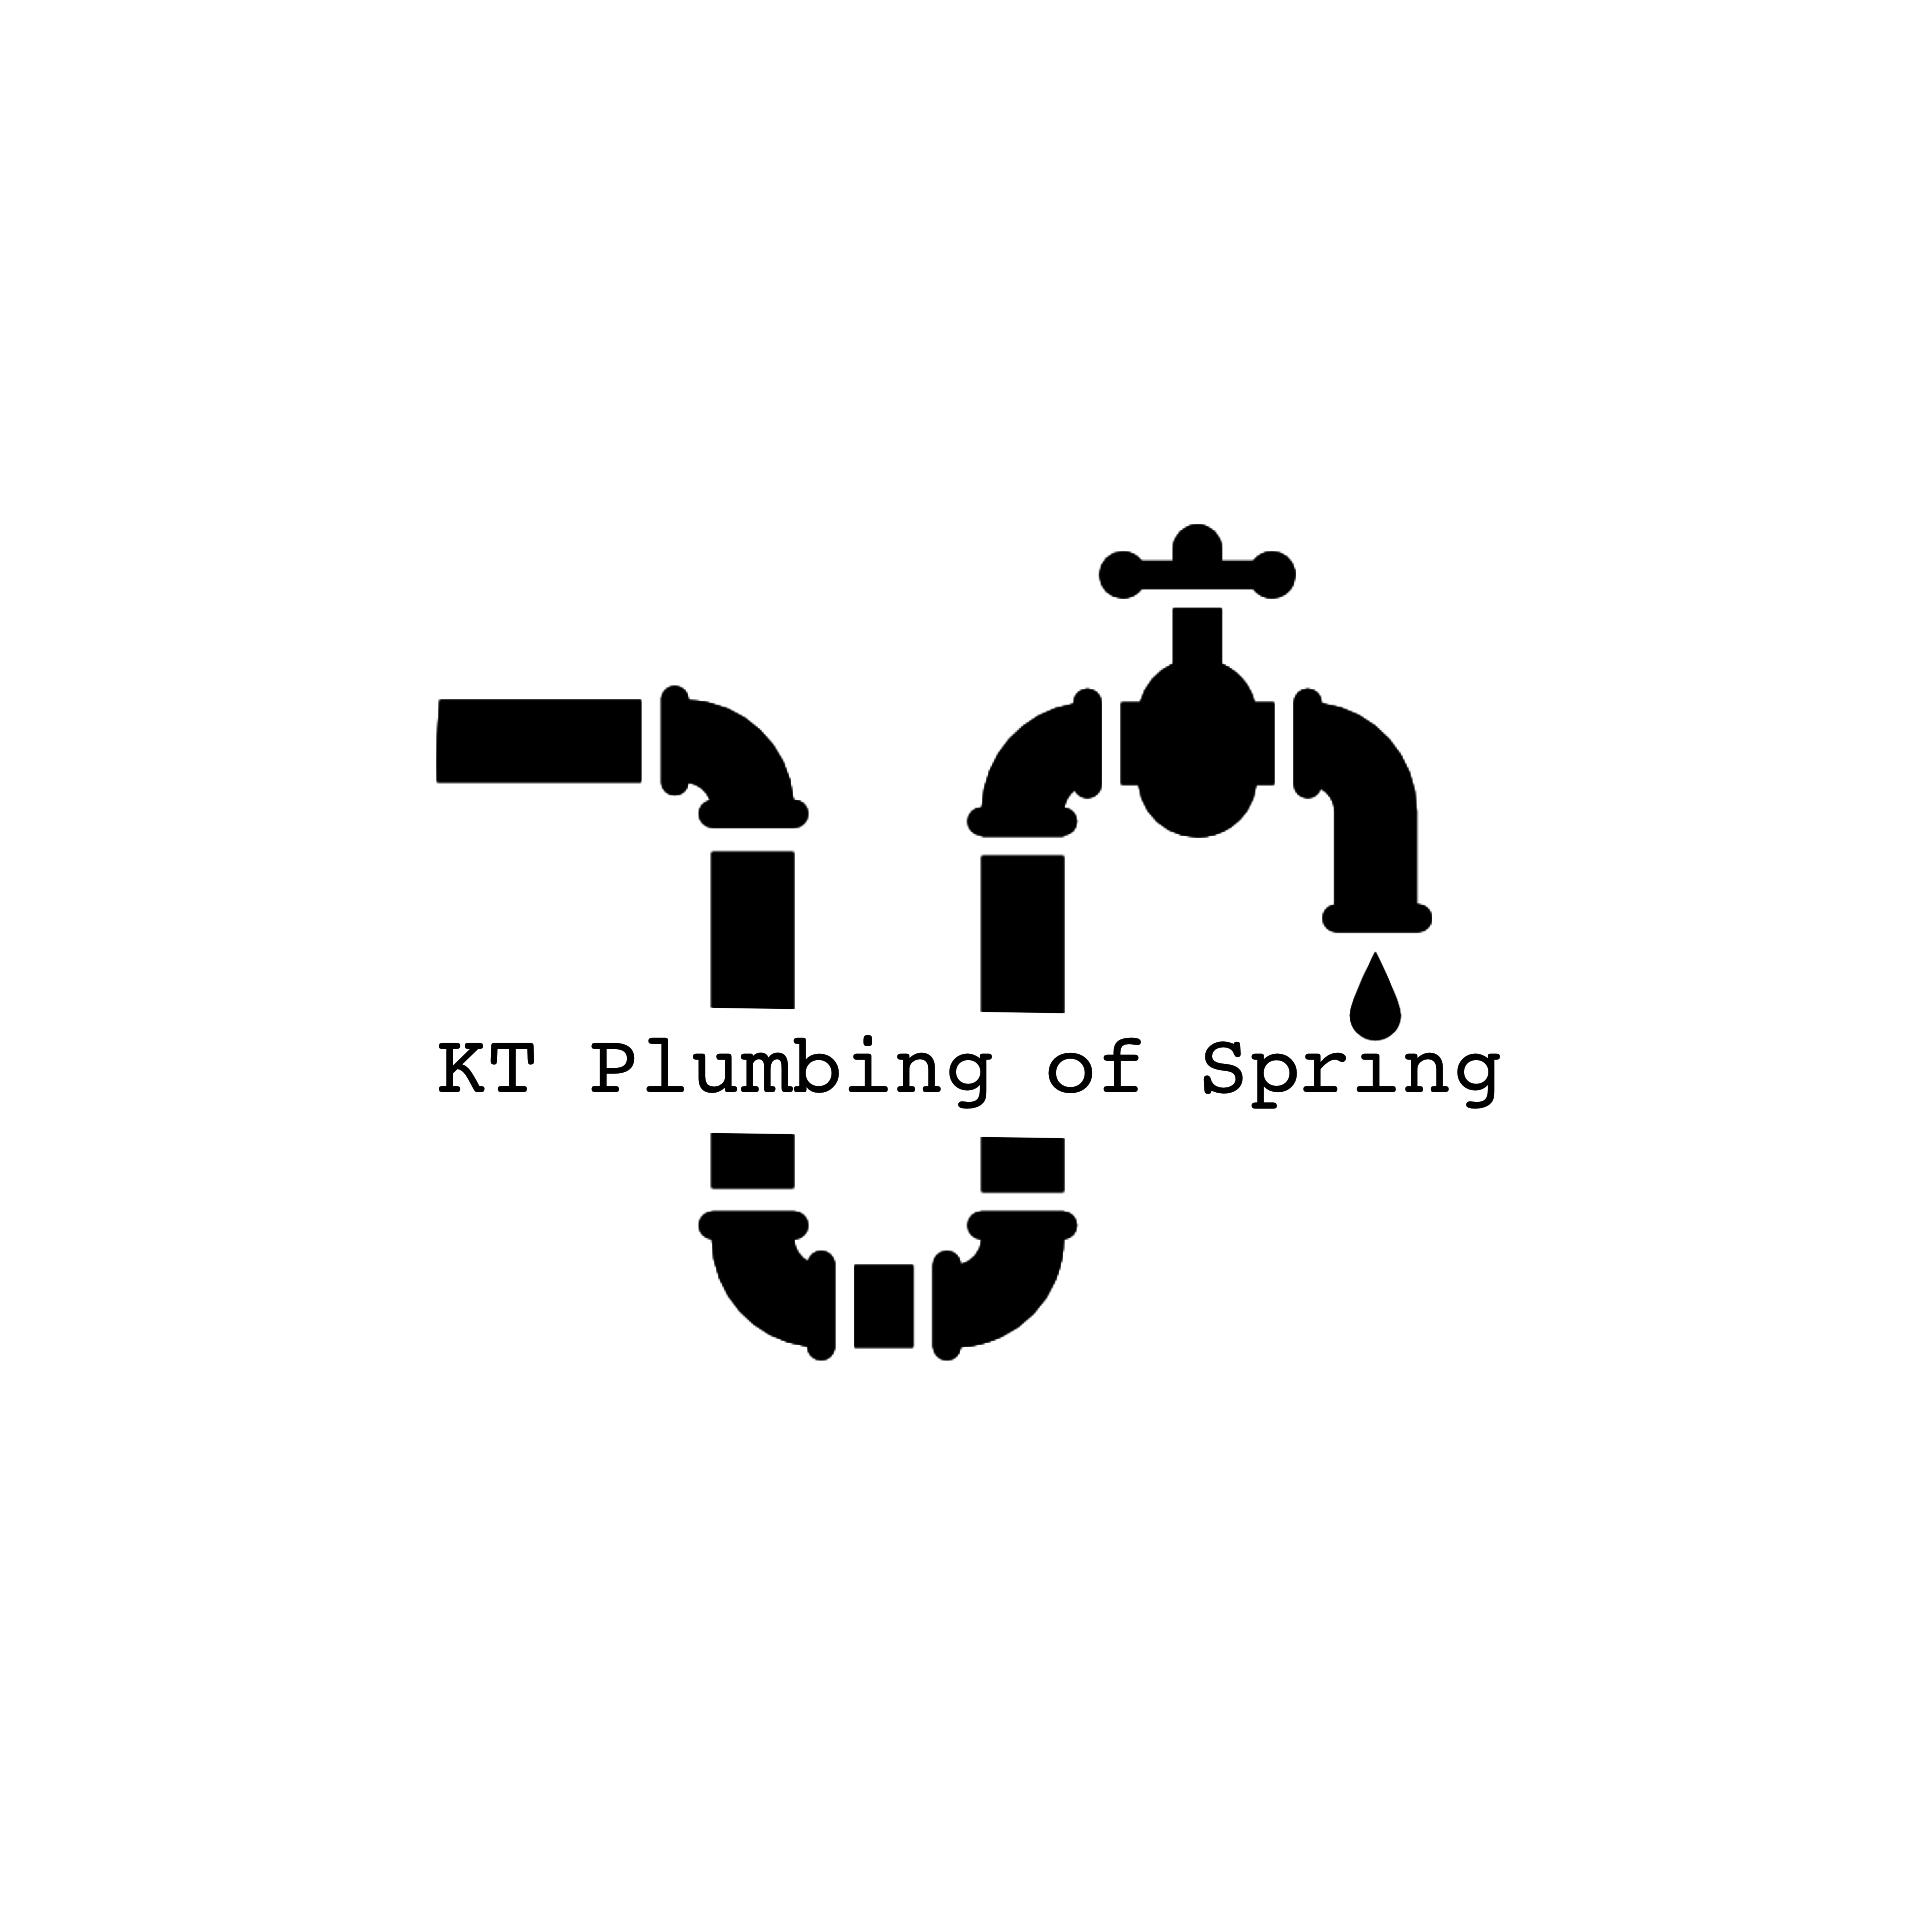 KT Plumbing of Spring